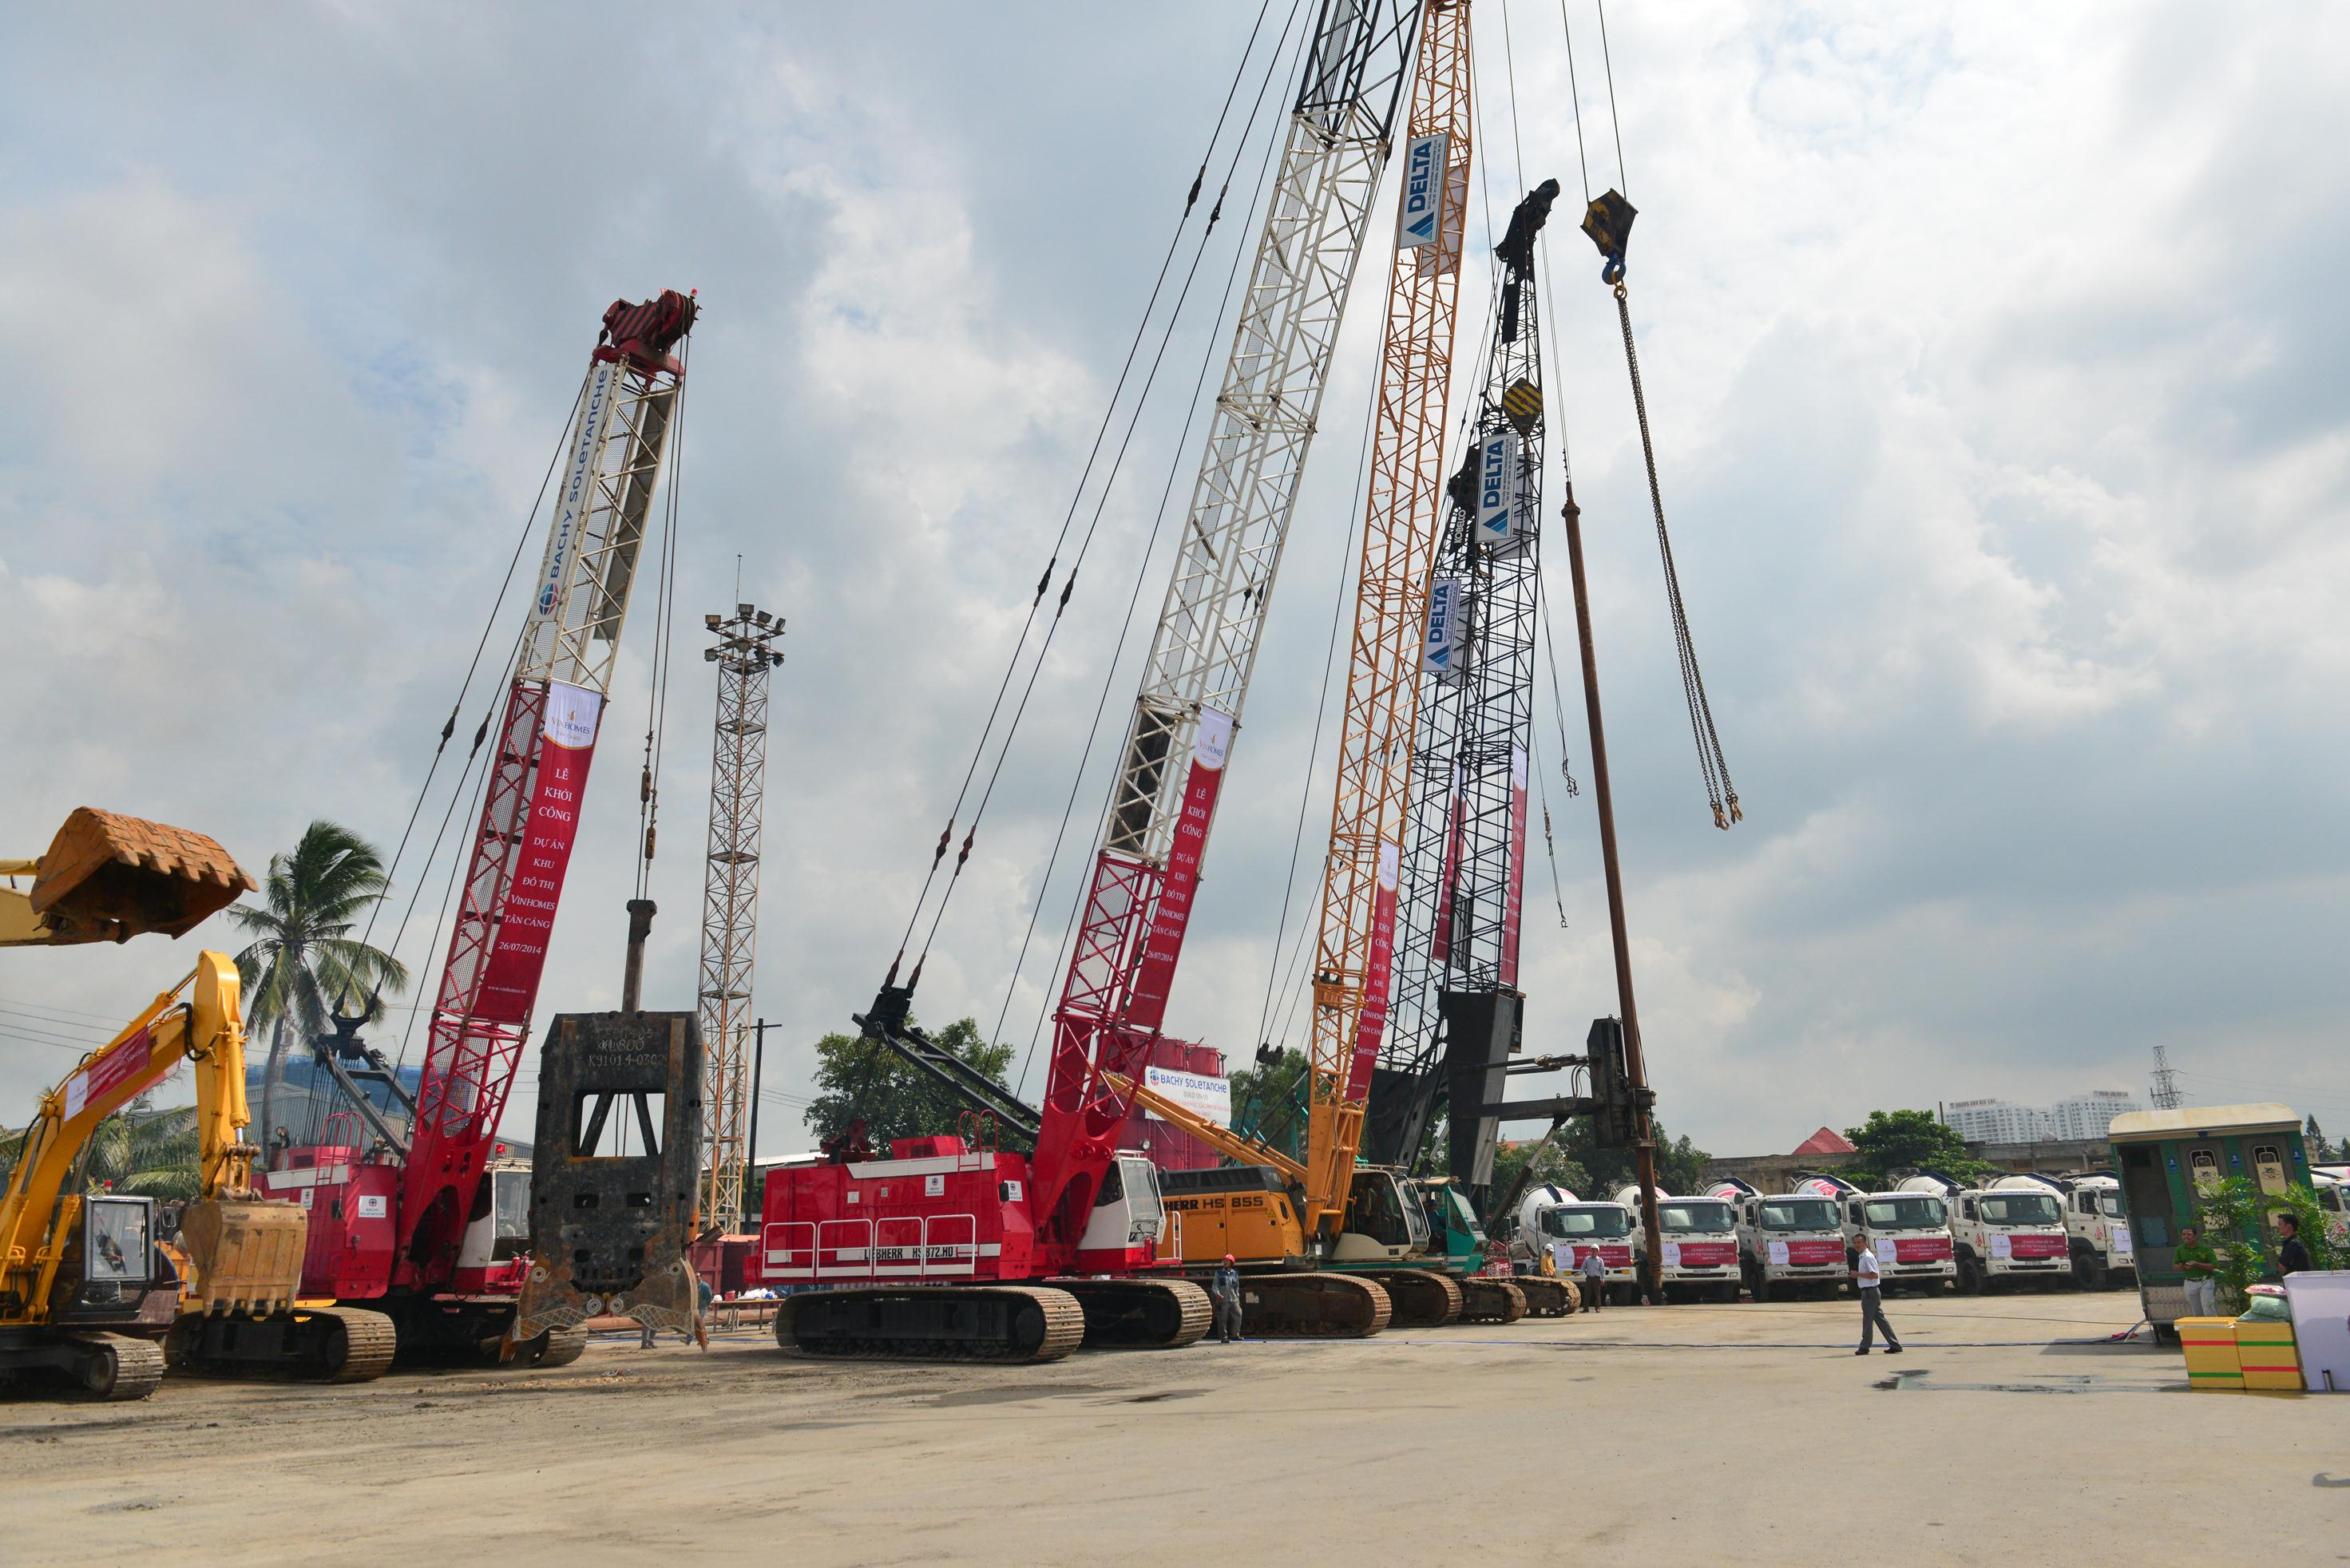 Vingroup khởi công khu đô thị lớn Vinhomes Tân Cảng, vốn đầu tư 30.000 tỷ (1)